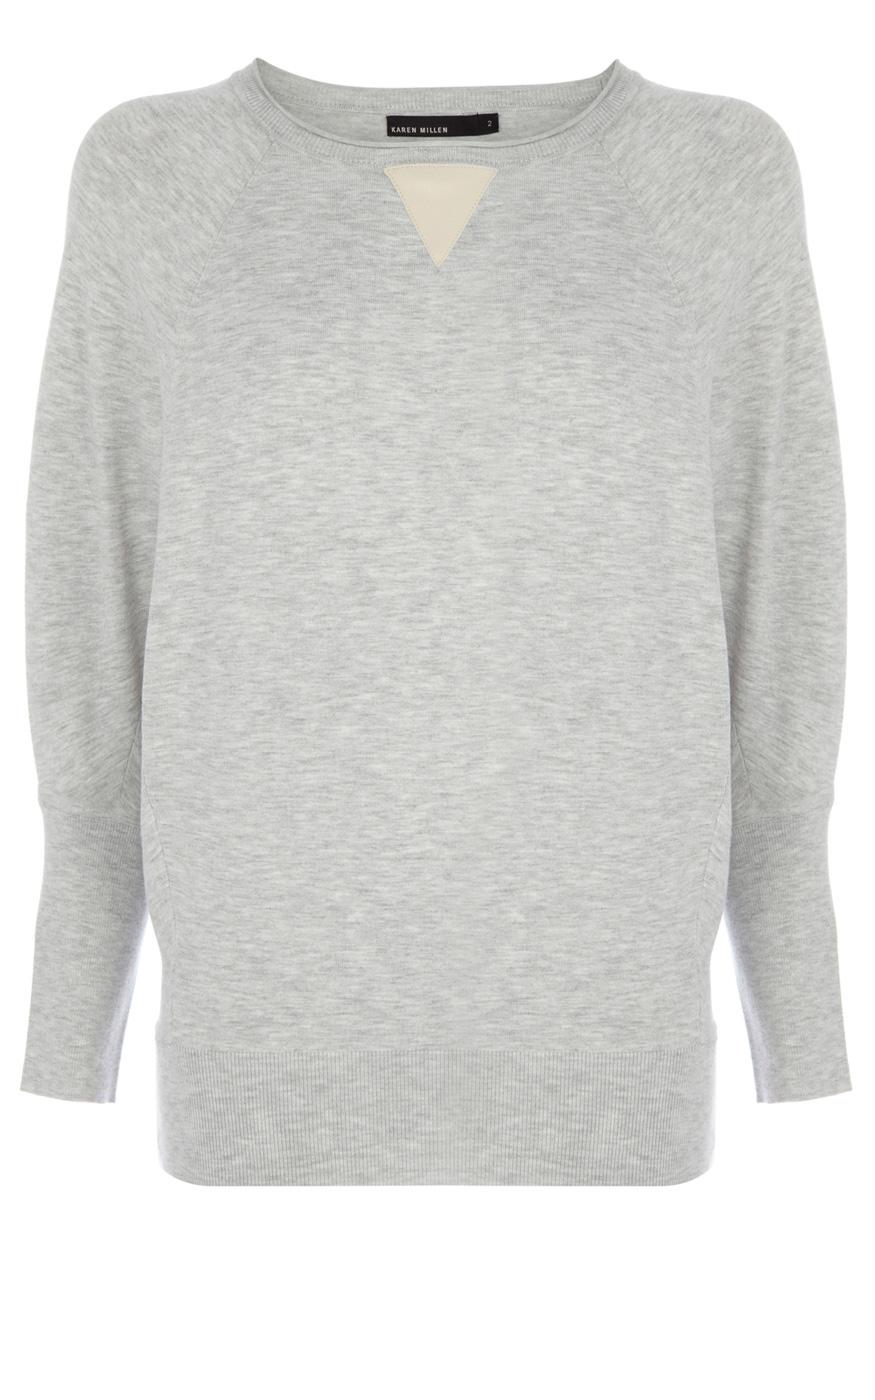 Karen Millen Modern Knit Basic Jumper in Gray (Grey) Lyst